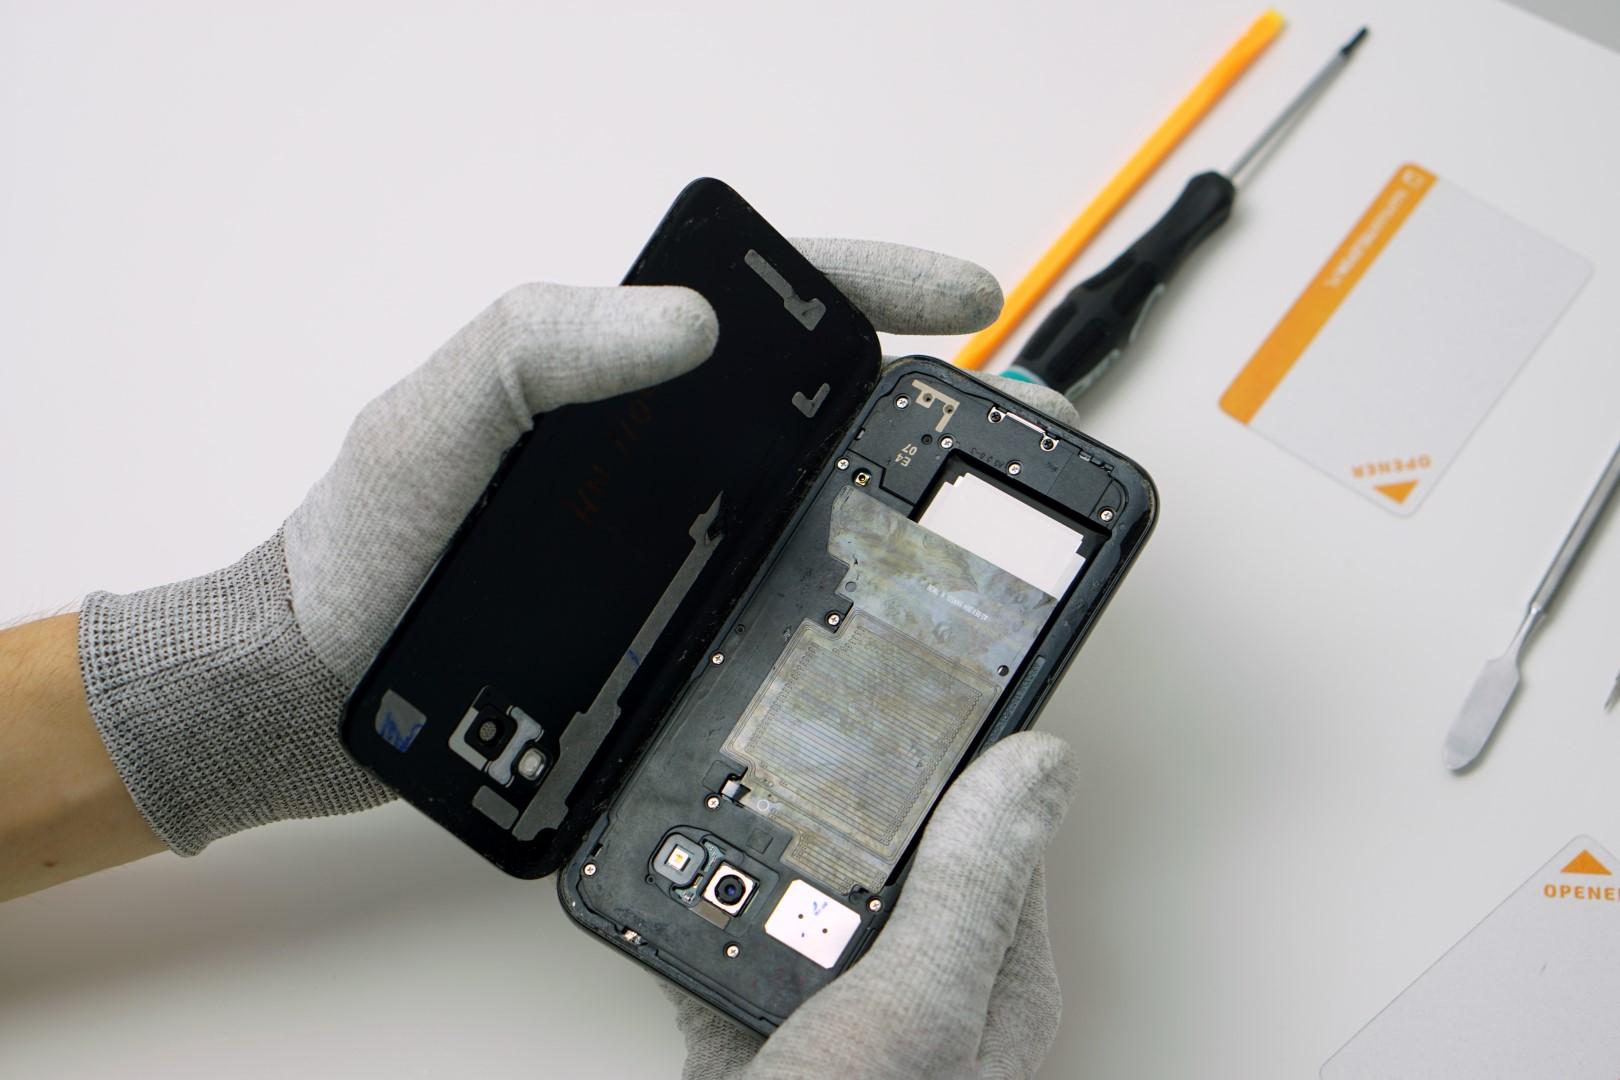 63b3a17d9be Demontaż tylnej pokrywy Samsunga Galaxy A5 2017 / fot.NaprawTelefon.pl